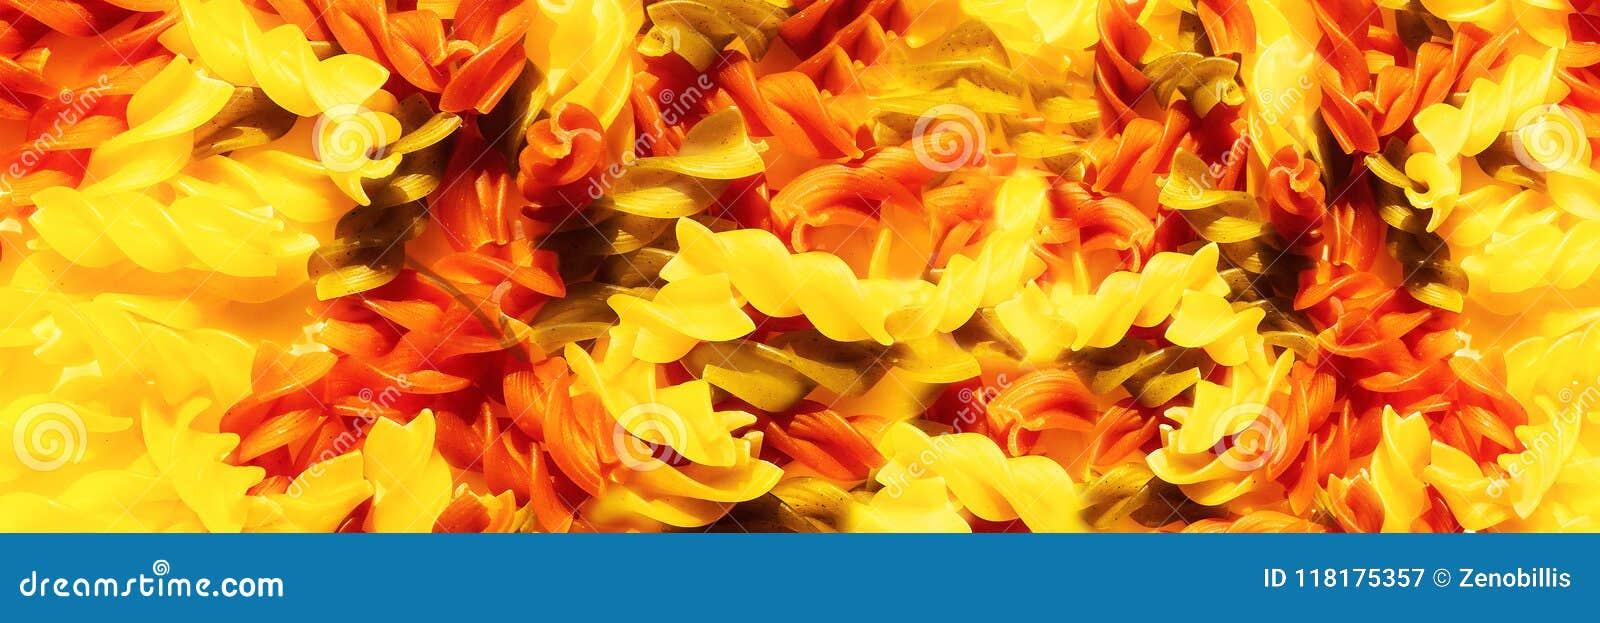 多色未加工的面团fusilli特写镜头 顶视图 抽象食物背景 全景的图象